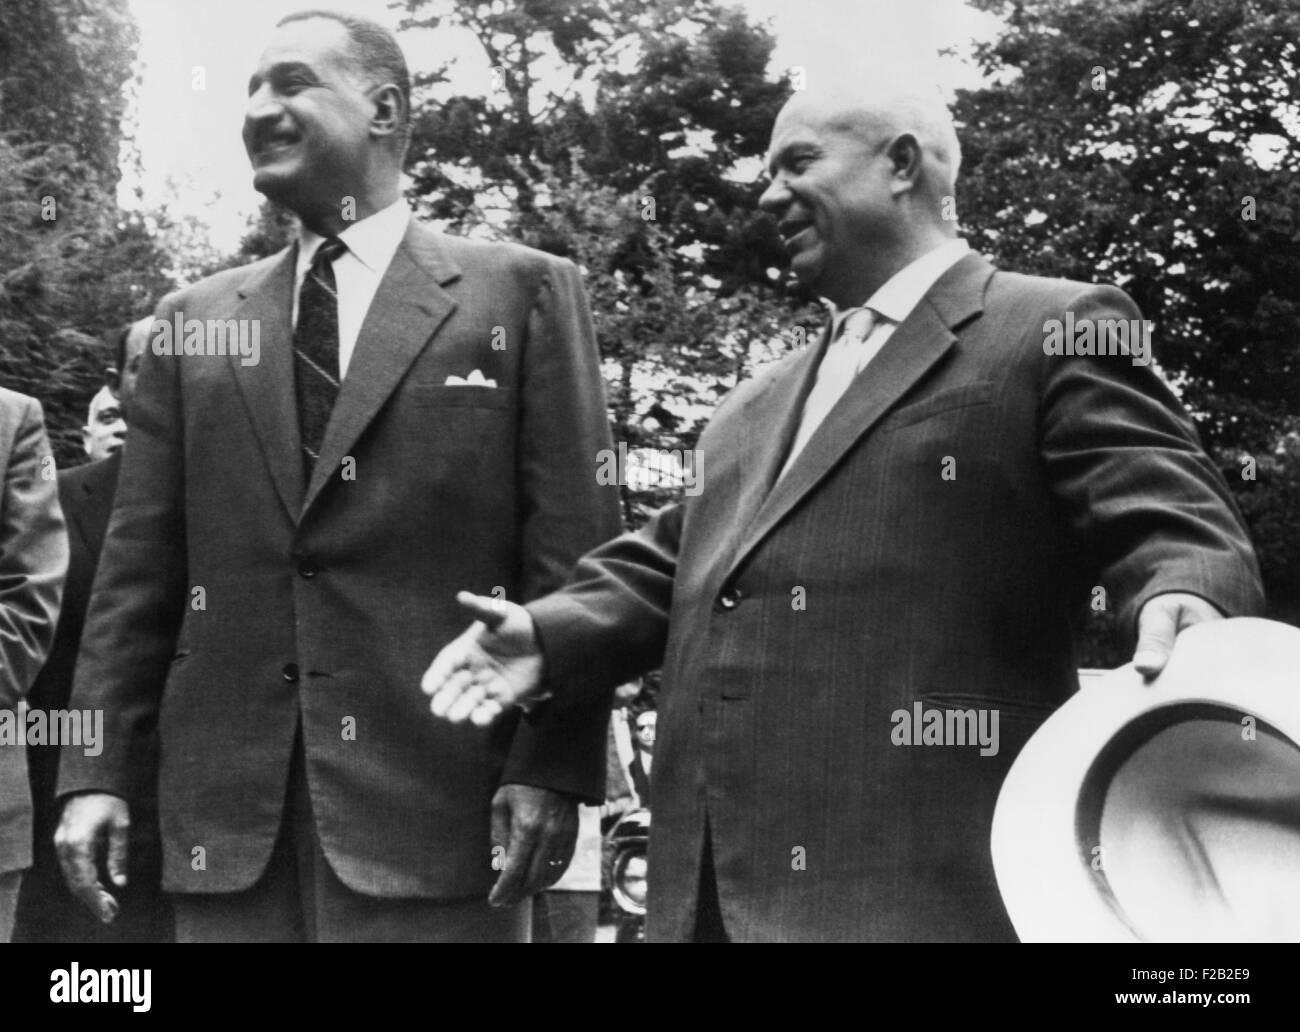 Premier soviético Nikita Khrushchev y el presidente egipcio Gamal Abdel Nasser, el 24 de septiembre, 1960. Imagen De Stock